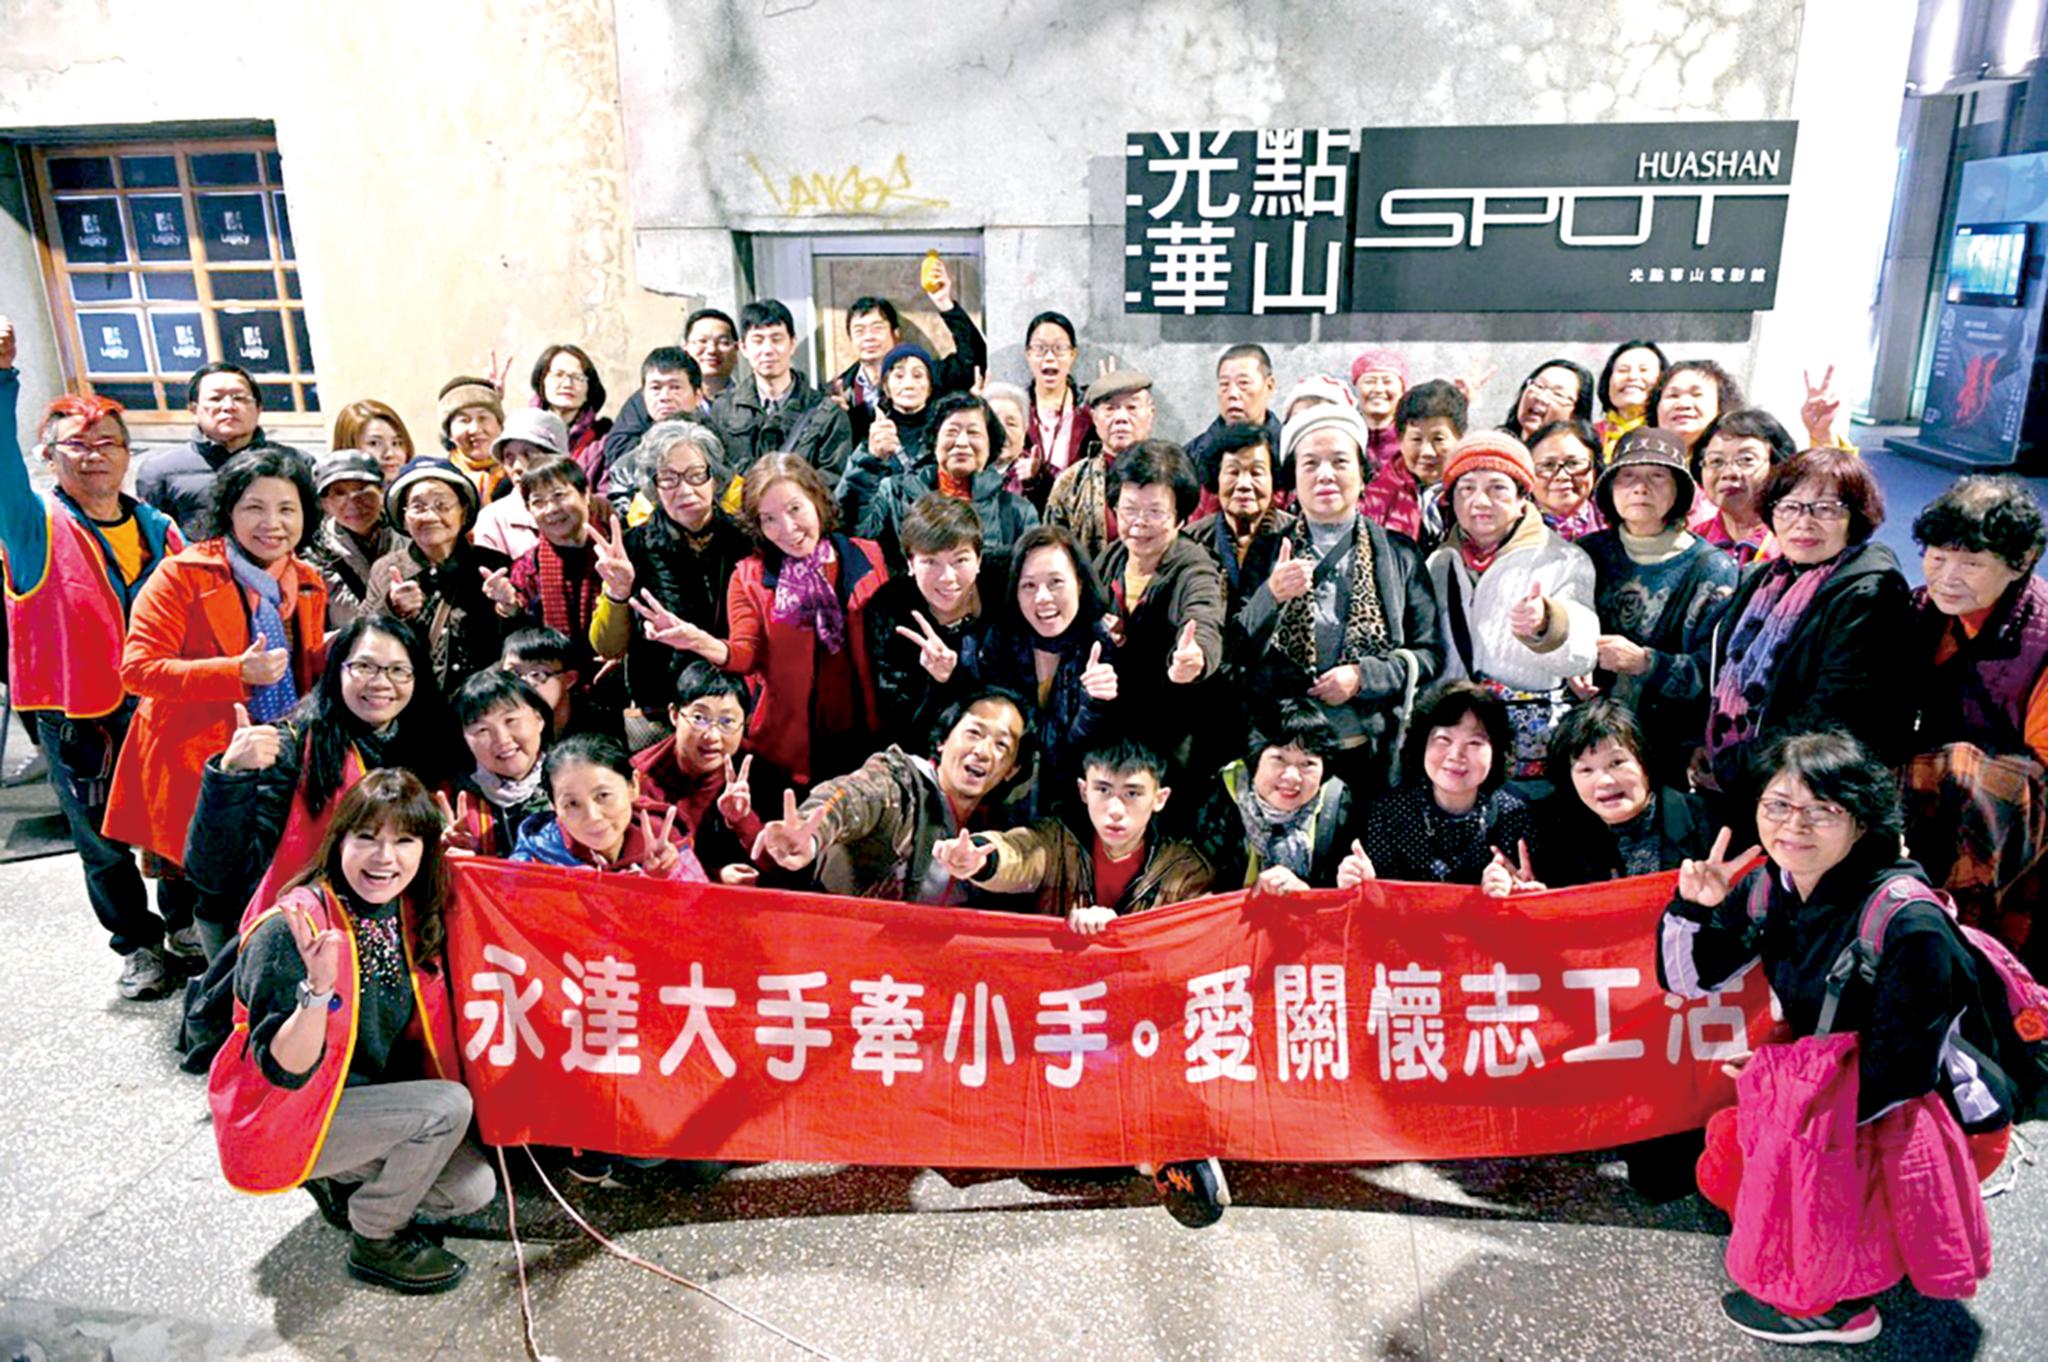 永達業務協理張家蓁(站立第一排左六)透過永達社福基金會邀請長者、弱勢兒童及家長欣賞林俊逸《幸福的故事》演唱會。